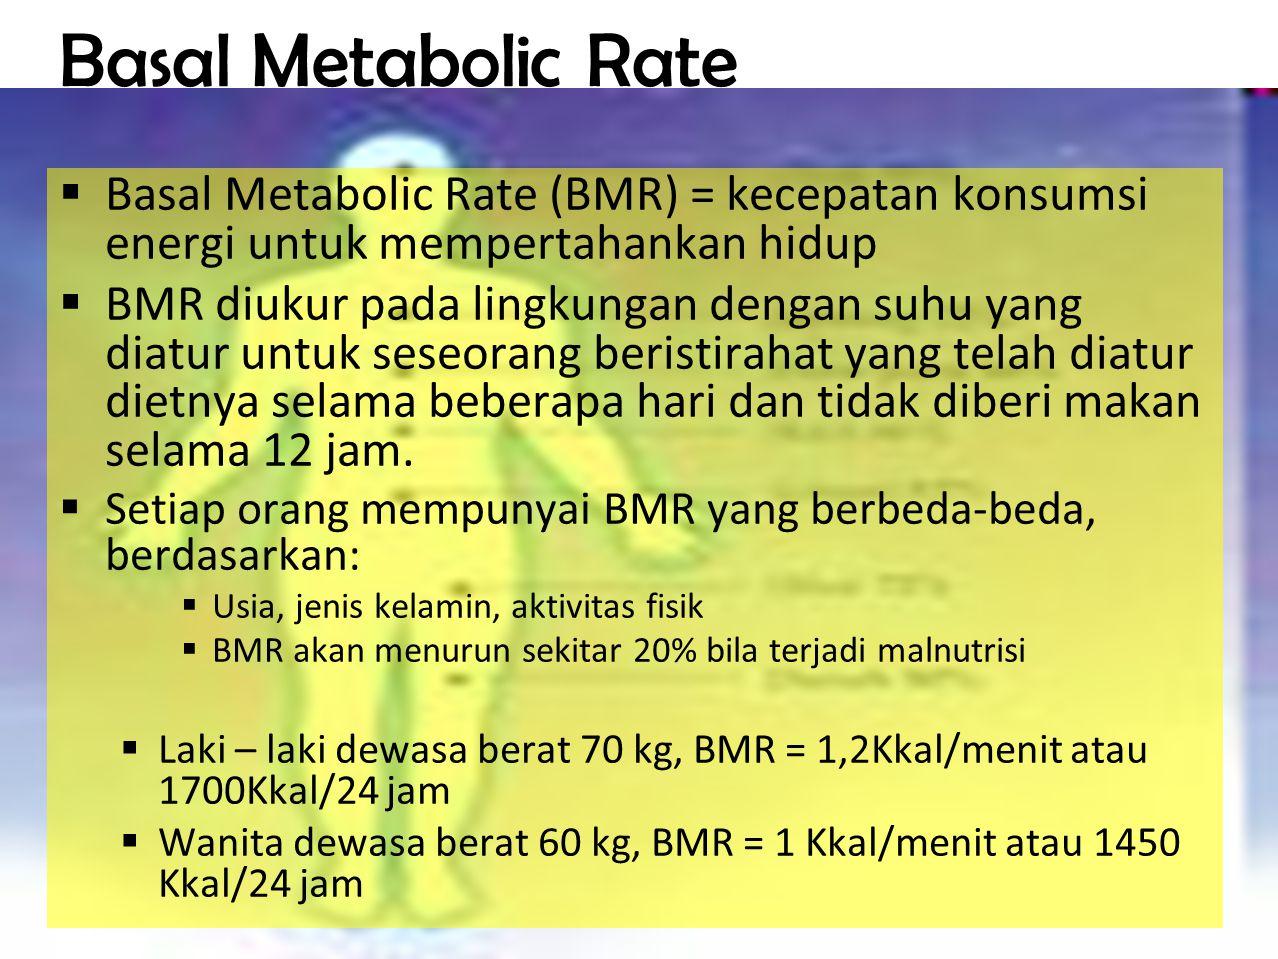 Basal Metabolic Rate Basal Metabolic Rate (BMR) = kecepatan konsumsi energi untuk mempertahankan hidup.